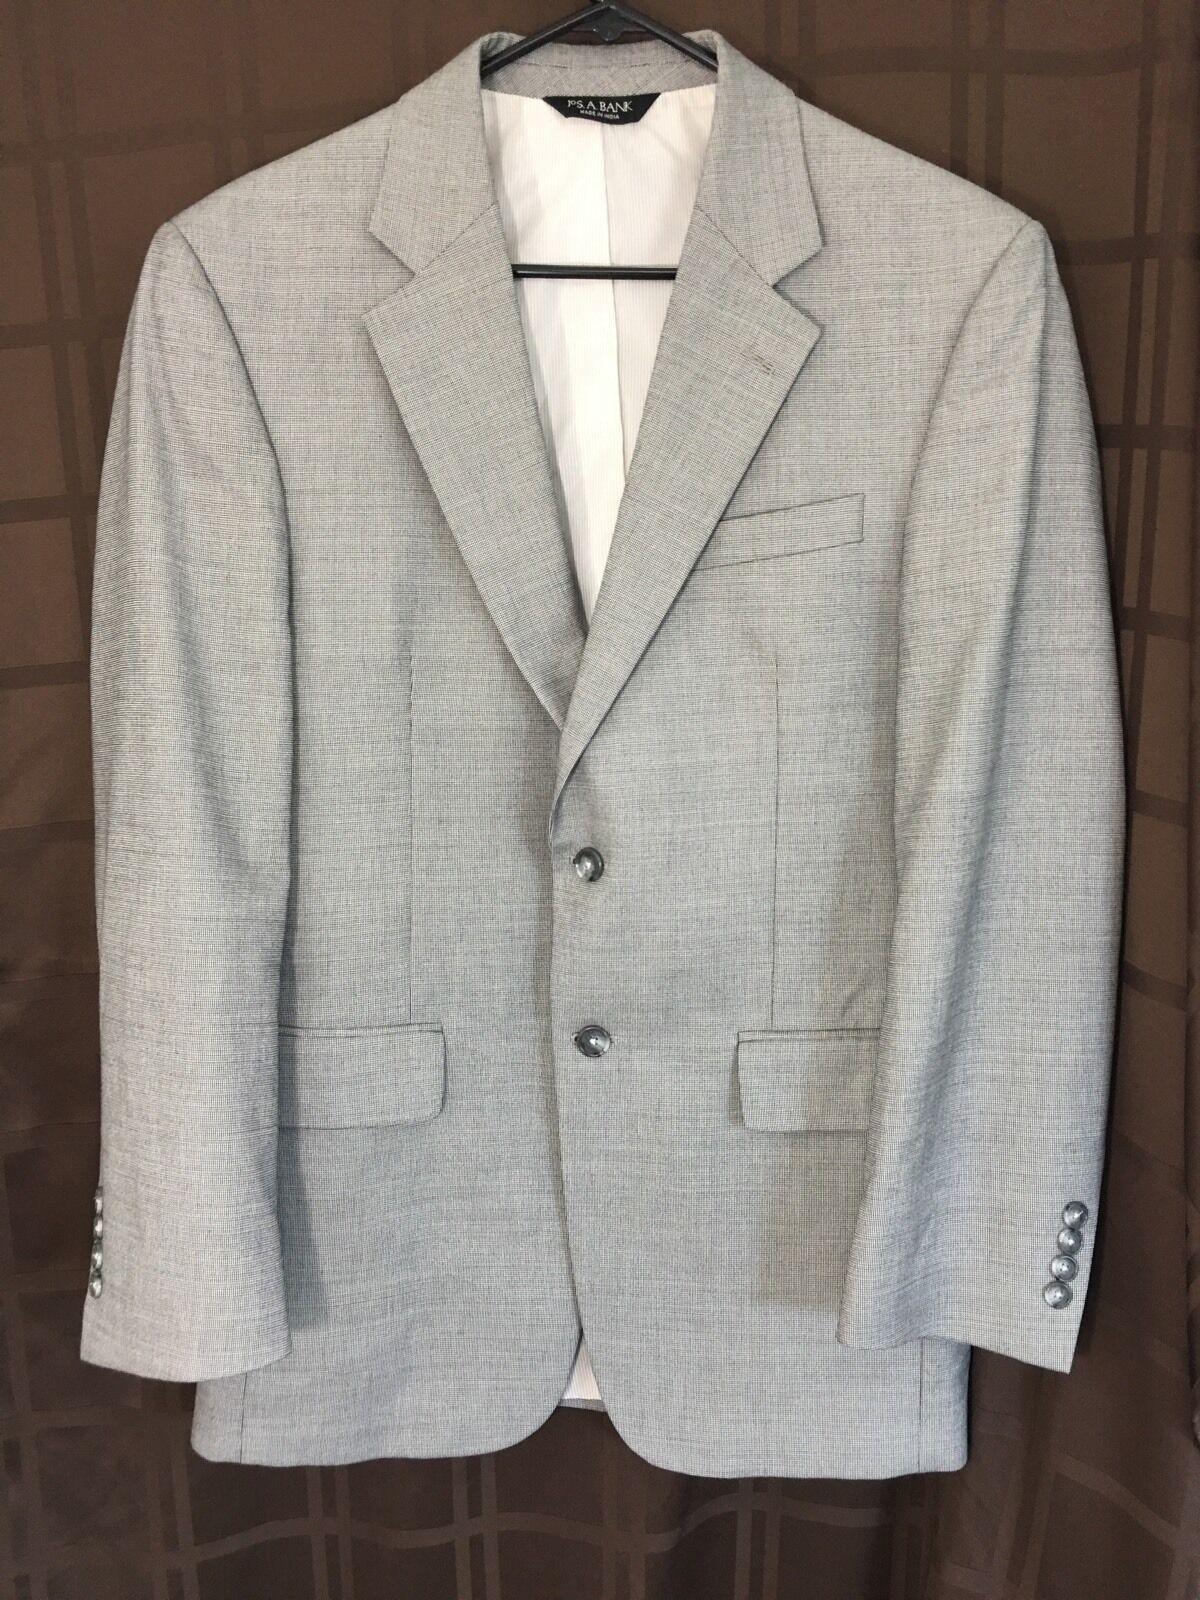 Jos A Bank grau Glen Plaid 41%Wool 59%cotton 2 Button Blazer Sport Coat 38 R EUC